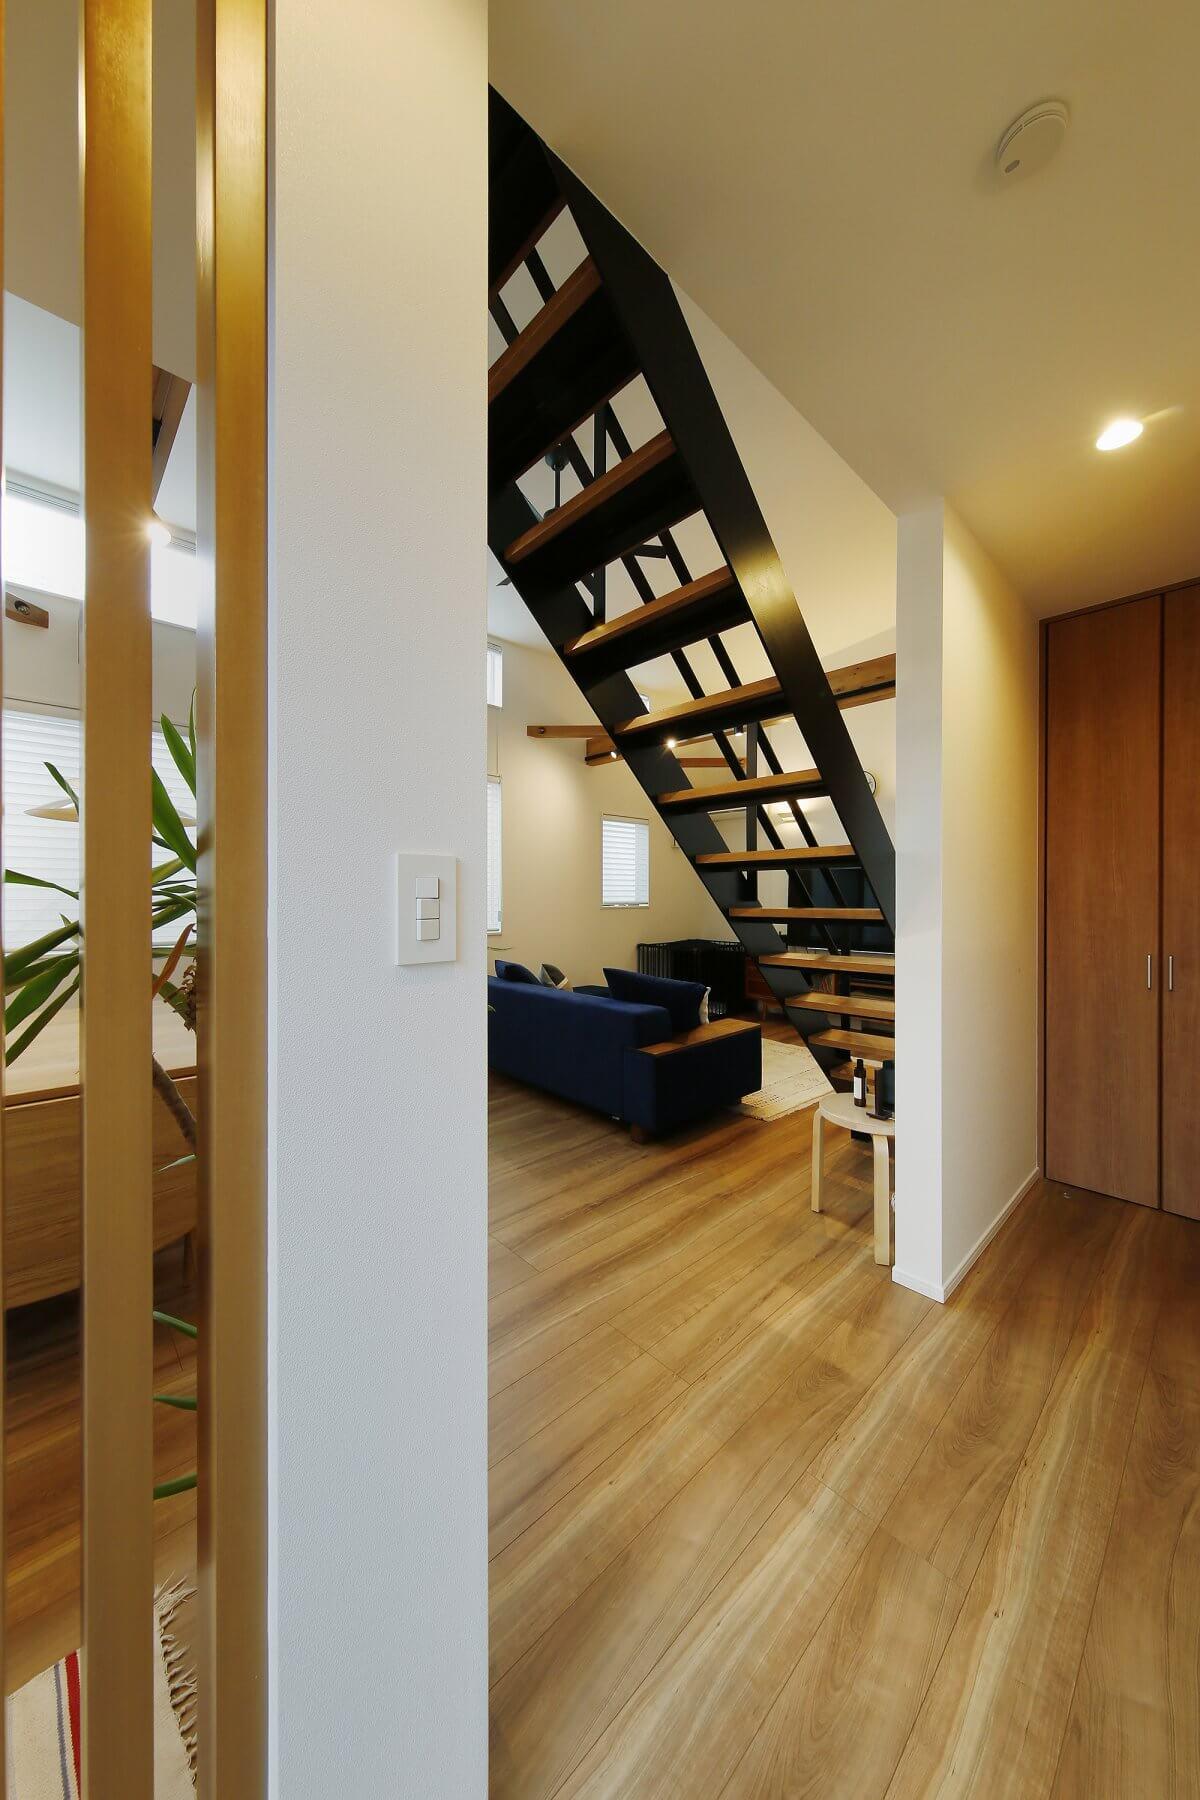 1階から階段を上がり、2階のLDKに入るときに見える様子。左の絶え格子は、空間よいアクセントになると同時に、キッチン側の様子をさりげなく目隠しする役割も果たしています。